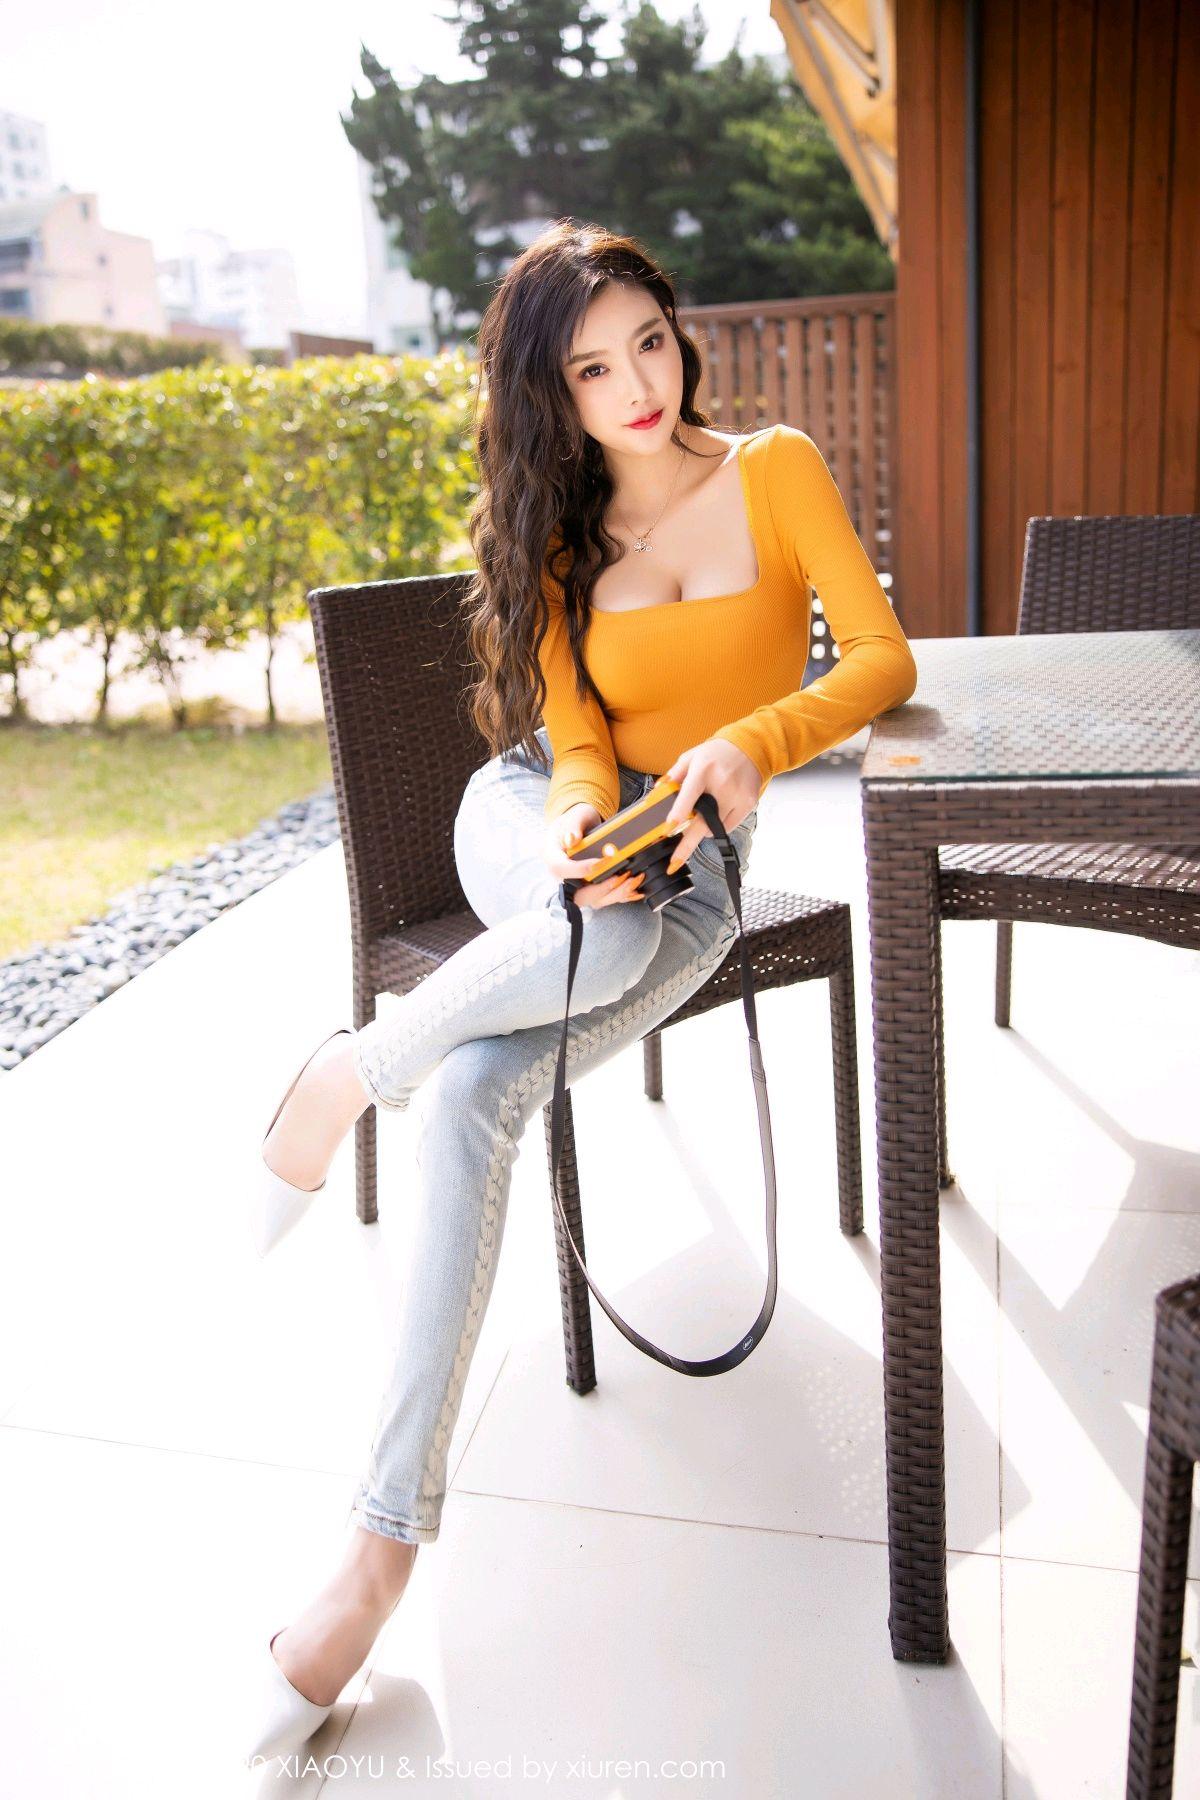 [XiaoYu] Vol.228 Yang Chen Chen 8P, XiaoYu, Yang Chen Chen